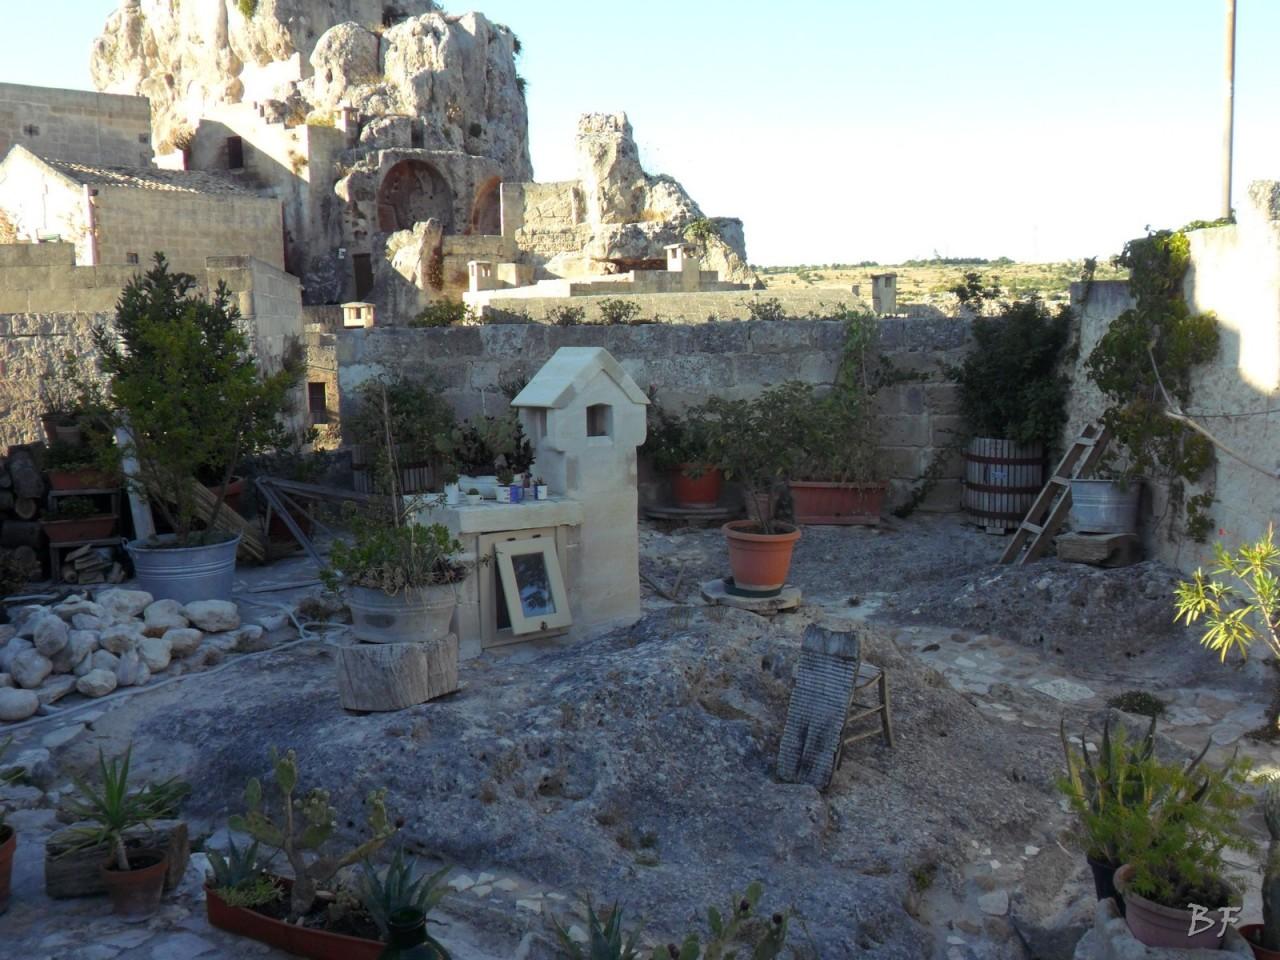 Sasso-Caveoso-Edifici-Rupestri-Megaliti-Sassi-di-Matera-basilicata-Italia-35